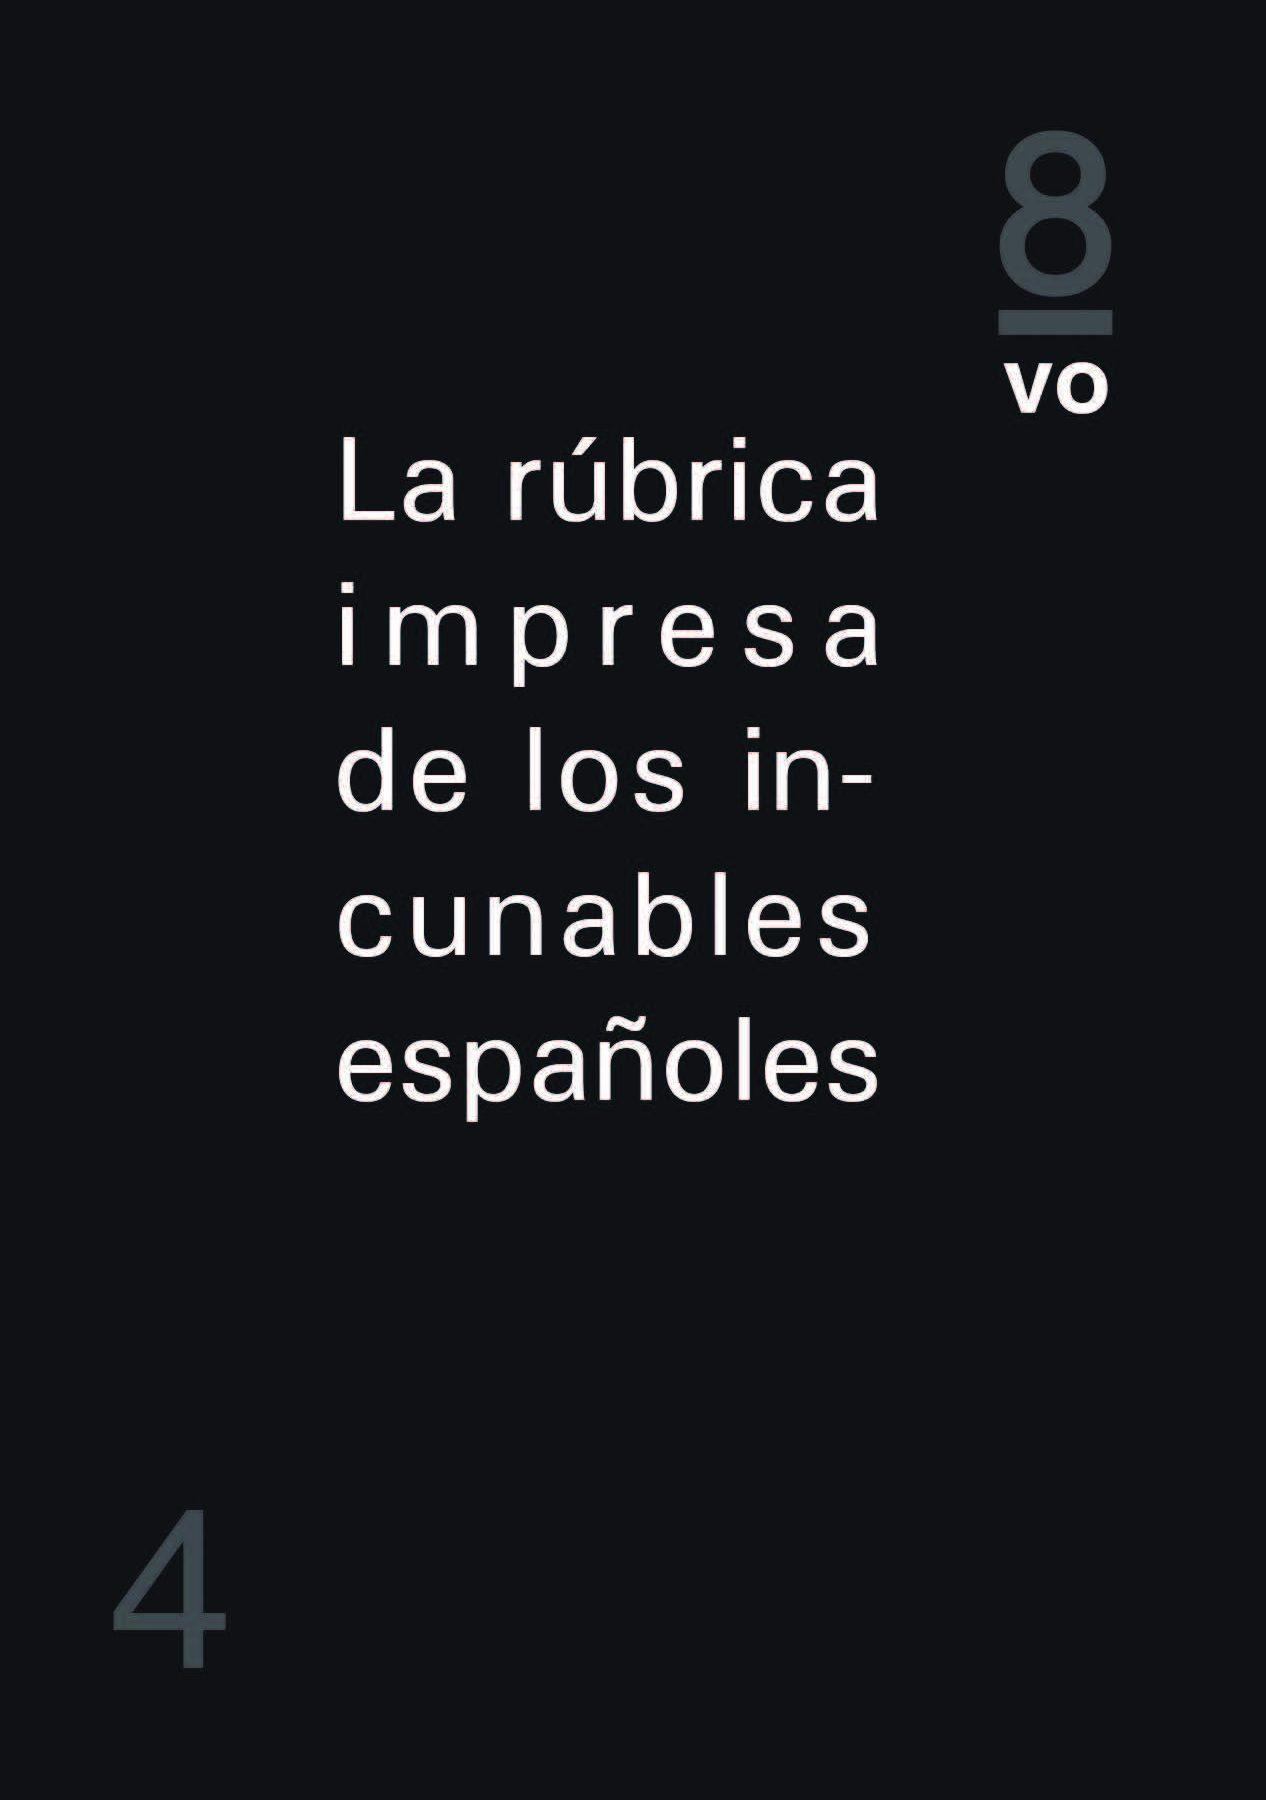 La rúbrica impresa de los incunables españoles